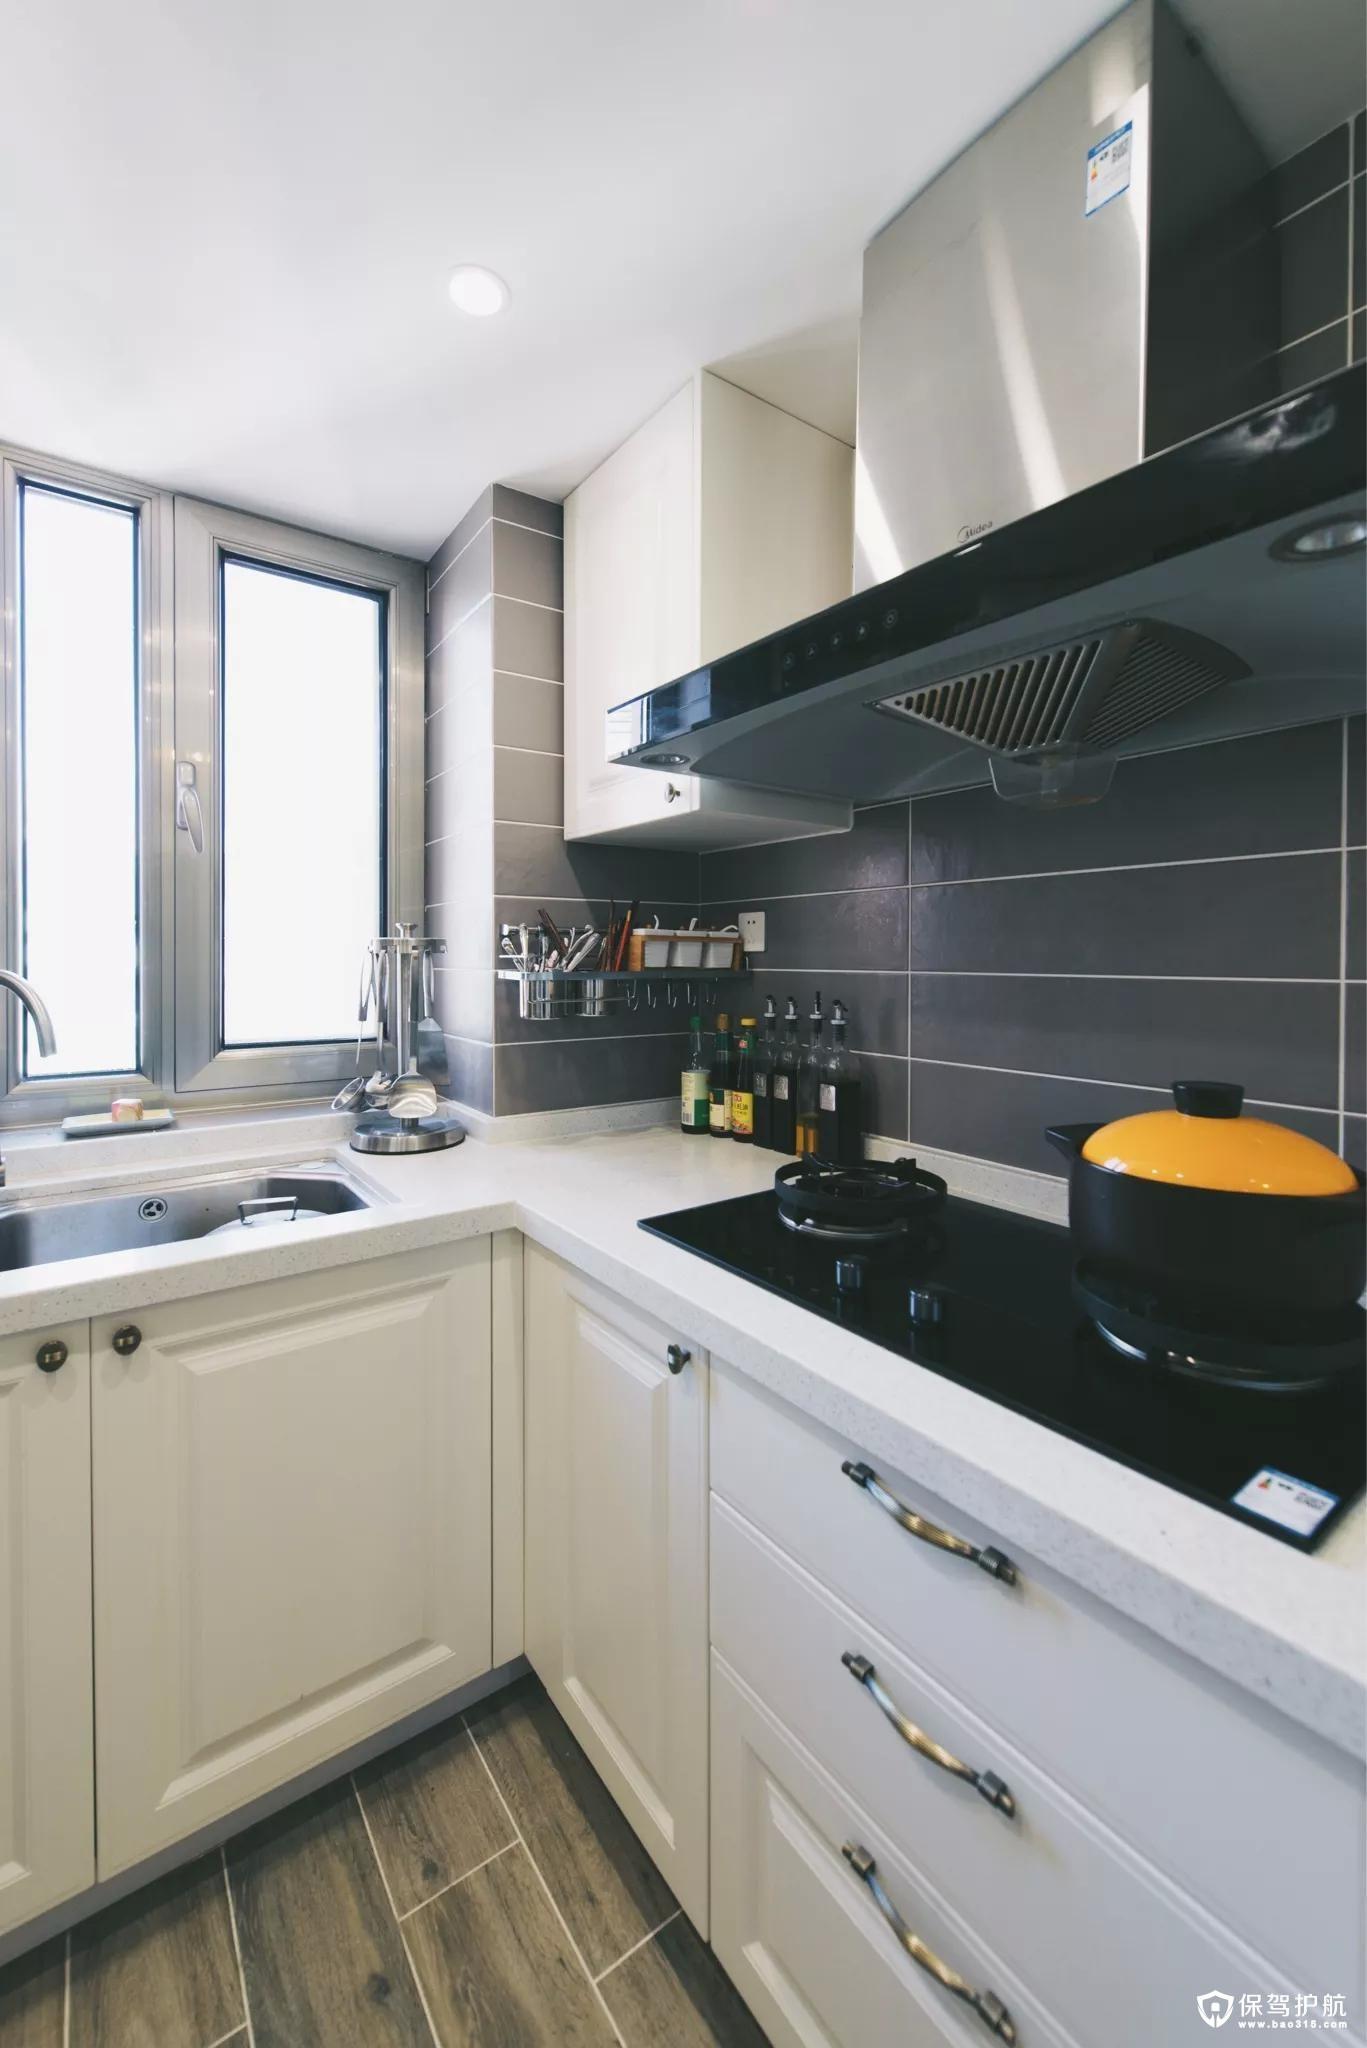 厨房地面铺设着木纹砖,搭配象牙白的橱柜,黑色的厨具,给人以时尚大方的空间感。